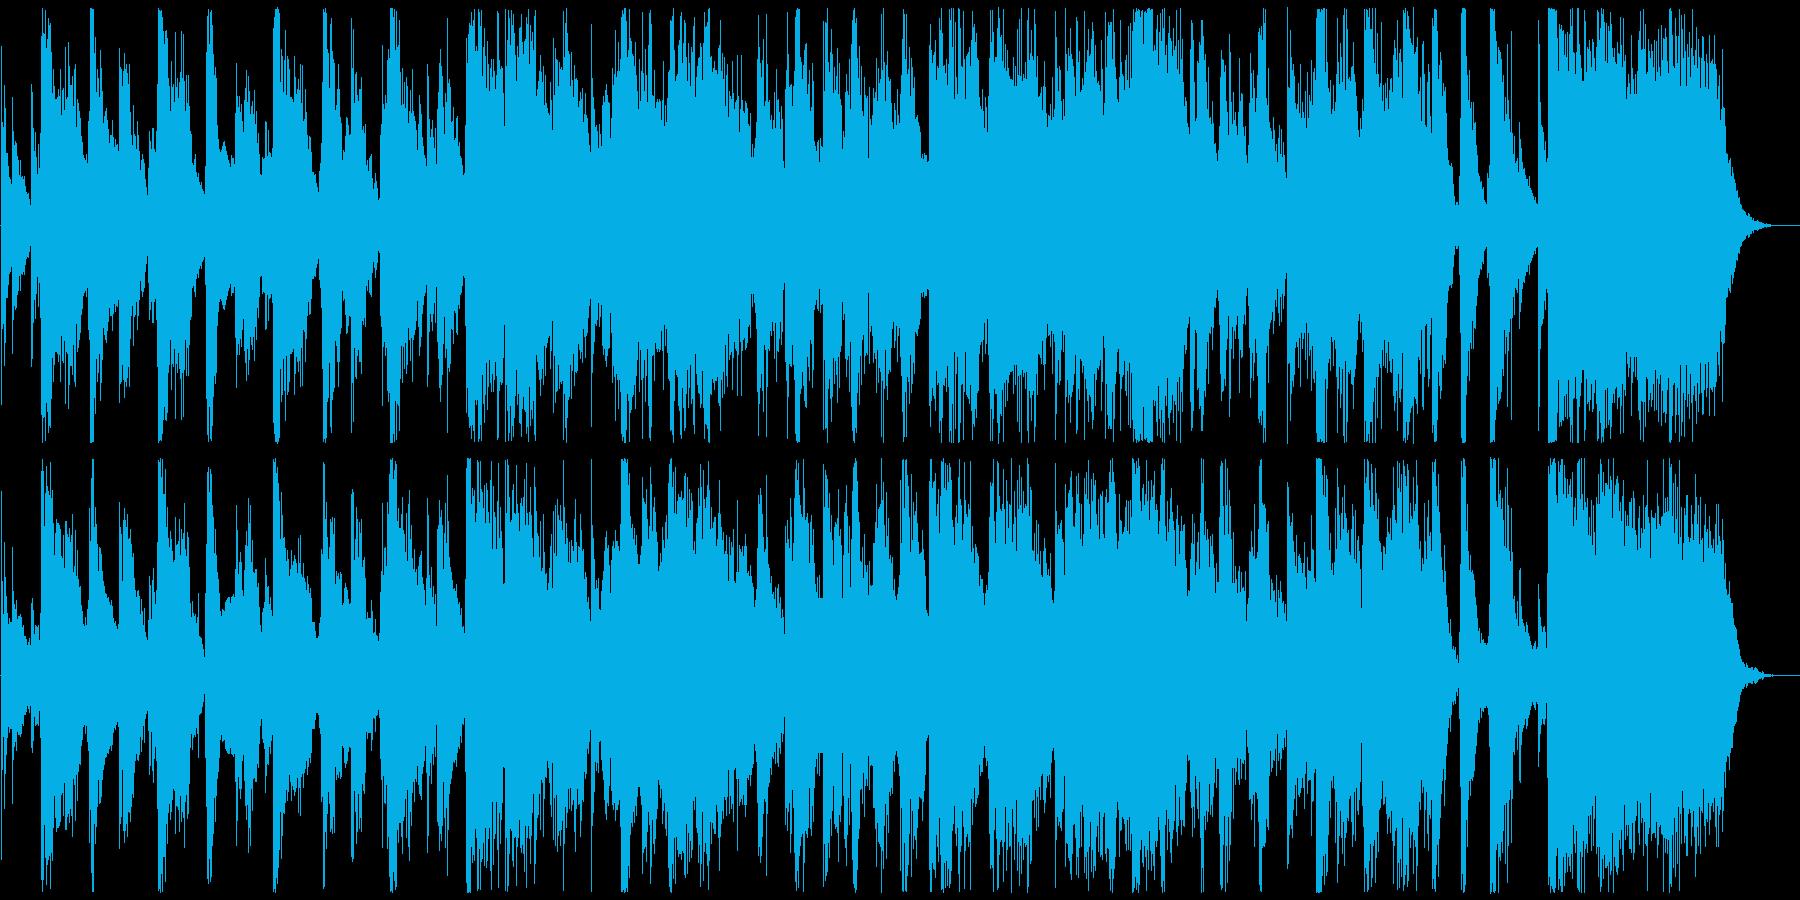 ゴージャスな雰囲気のビッグバンドジングルの再生済みの波形